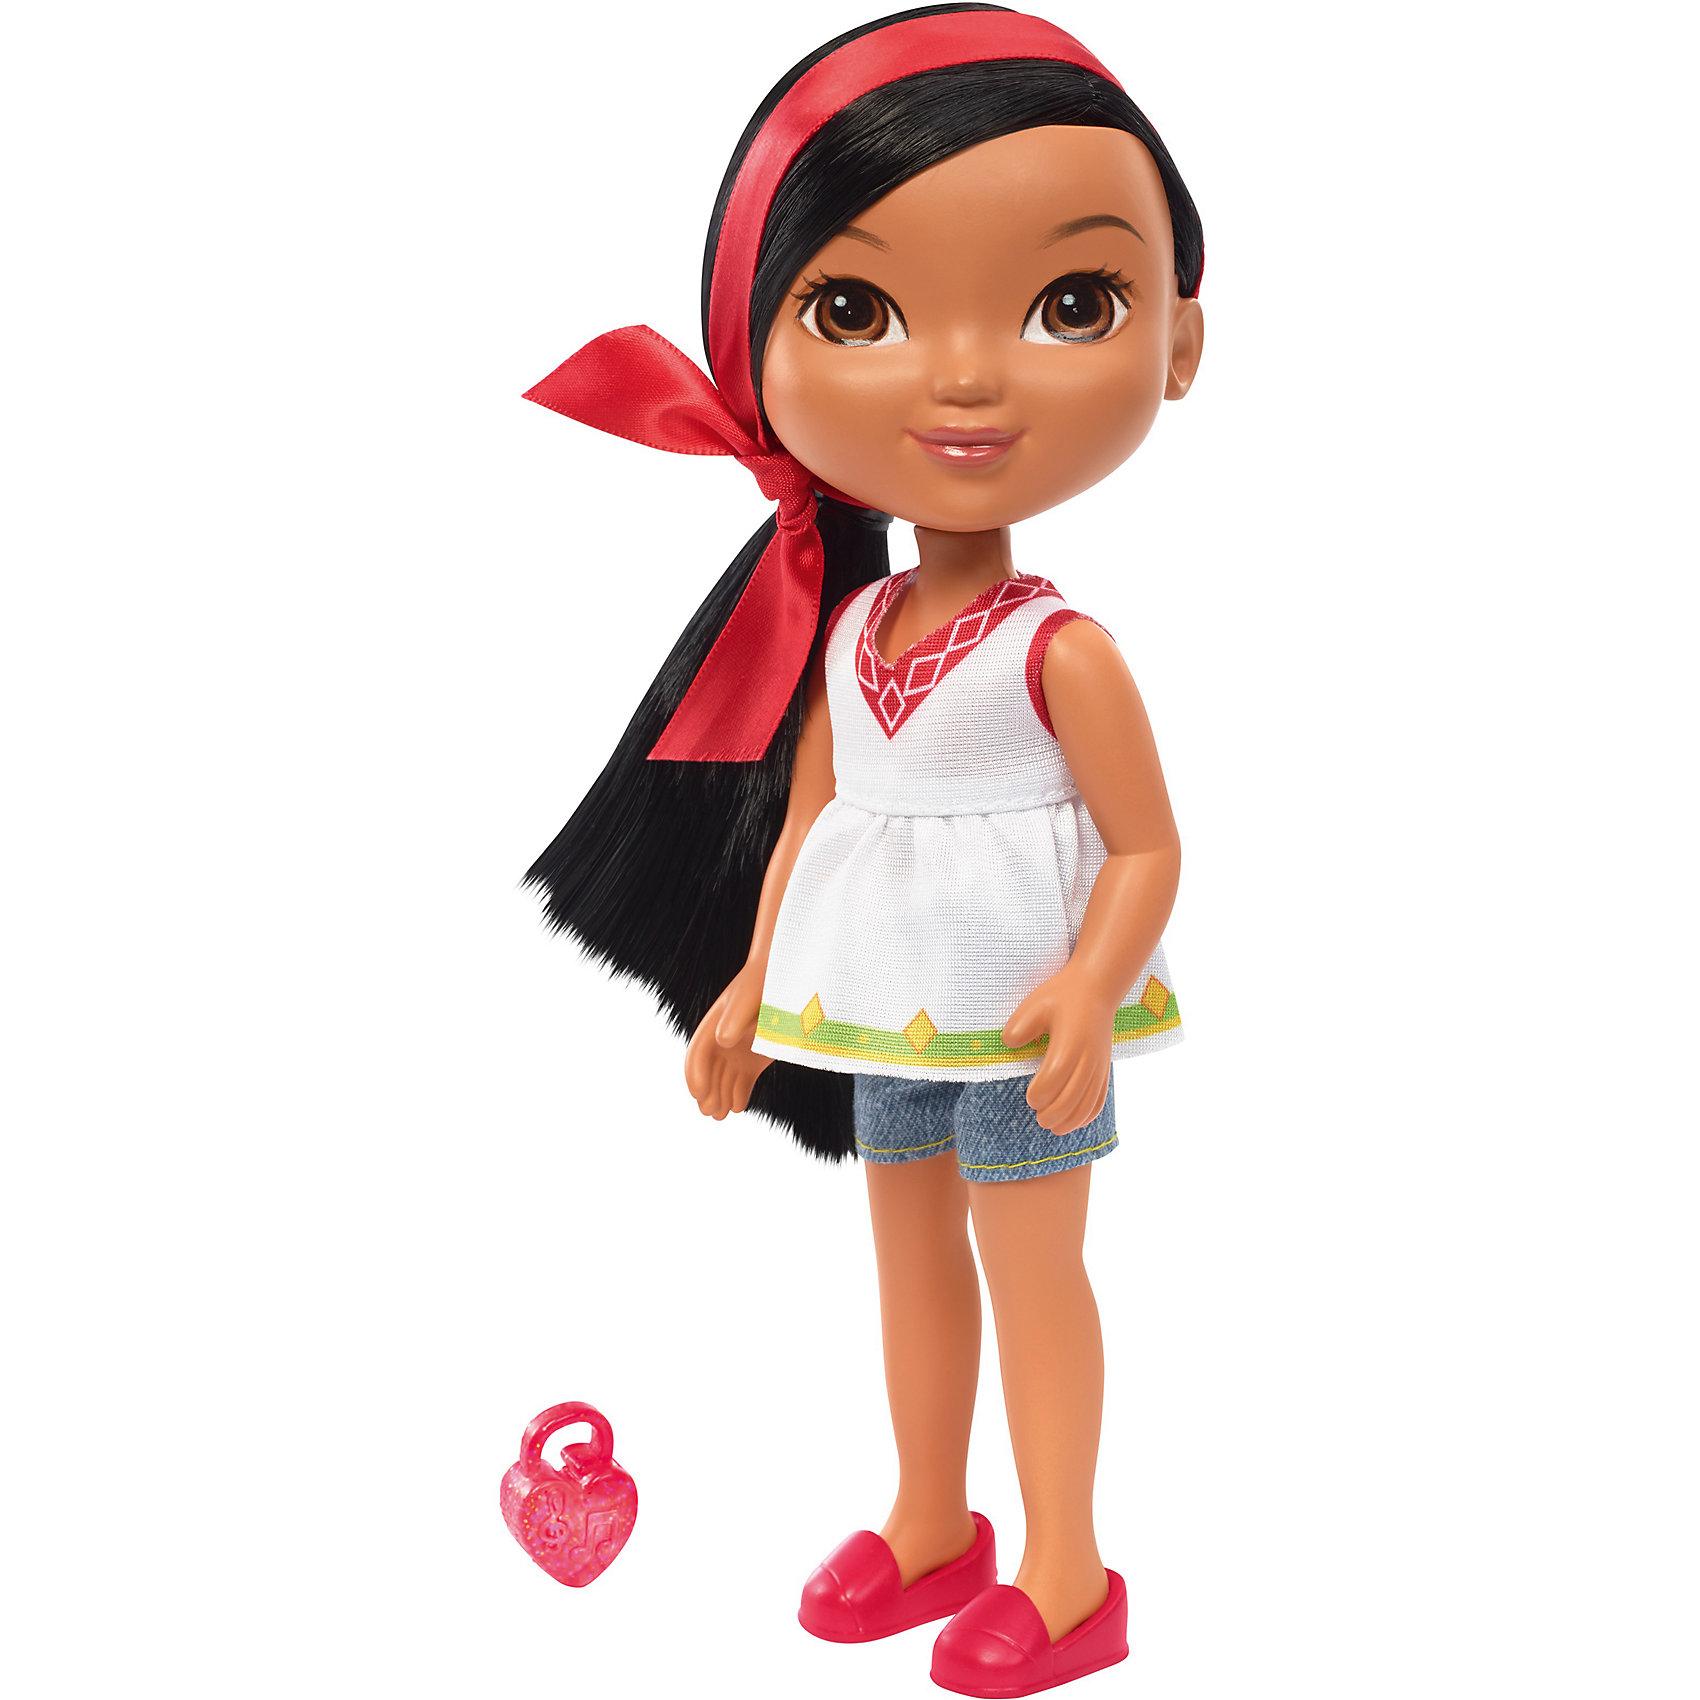 Кукла Найя, Fisher Price, Даша и друзьяДаша-путешественница<br>Кукла Найя, Fisher Price, Даша и друзья.<br><br>Характеристики:<br><br>• В наборе: кукла, шармик для браслета<br>• Высота куклы: 20 см.<br>• Материал: пластик, текстиль<br><br>Кукла Найя из серии Даша и друзья от Fisher-Price - игрушка, о которой мечтают все девочки, следящие за приключениями героев популярного детского мультфильма. С этой куклой игры девочки будут наполнены приключениями и волшебством, ведь Найя использует все свои возможности, чтобы игры были разнообразными. Кукла одета в белую тунику, короткие джинсовые шорты, на ногах у нее - ярко-розовые туфли. Длинные черные волосы куклы уложены в прическу, украшенную длинной розовой лентой. Лицо куклы тщательно прорисовано. У Найи большие выразительные карие глаза. Руки и ноги куклы подвижны, шарниров в суставах нет. <br><br>Кукла изготовлена из качественных безопасных для здоровья материалов. В дополнение к кукле в набор входит шармик для браслета, который может быть использован с интерактивной куклой этой серии — Fisher-Price Talking Dora &amp; Smartphone! Просто наложите шармик в магический смартфон, чтобы услышать мелодии и фразы!<br><br>Куклу Найя, Fisher Price, Даша и друзья можно купить в нашем интернет-магазине.<br><br>Ширина мм: 115<br>Глубина мм: 70<br>Высота мм: 230<br>Вес г: 218<br>Возраст от месяцев: 36<br>Возраст до месяцев: 120<br>Пол: Женский<br>Возраст: Детский<br>SKU: 5440328